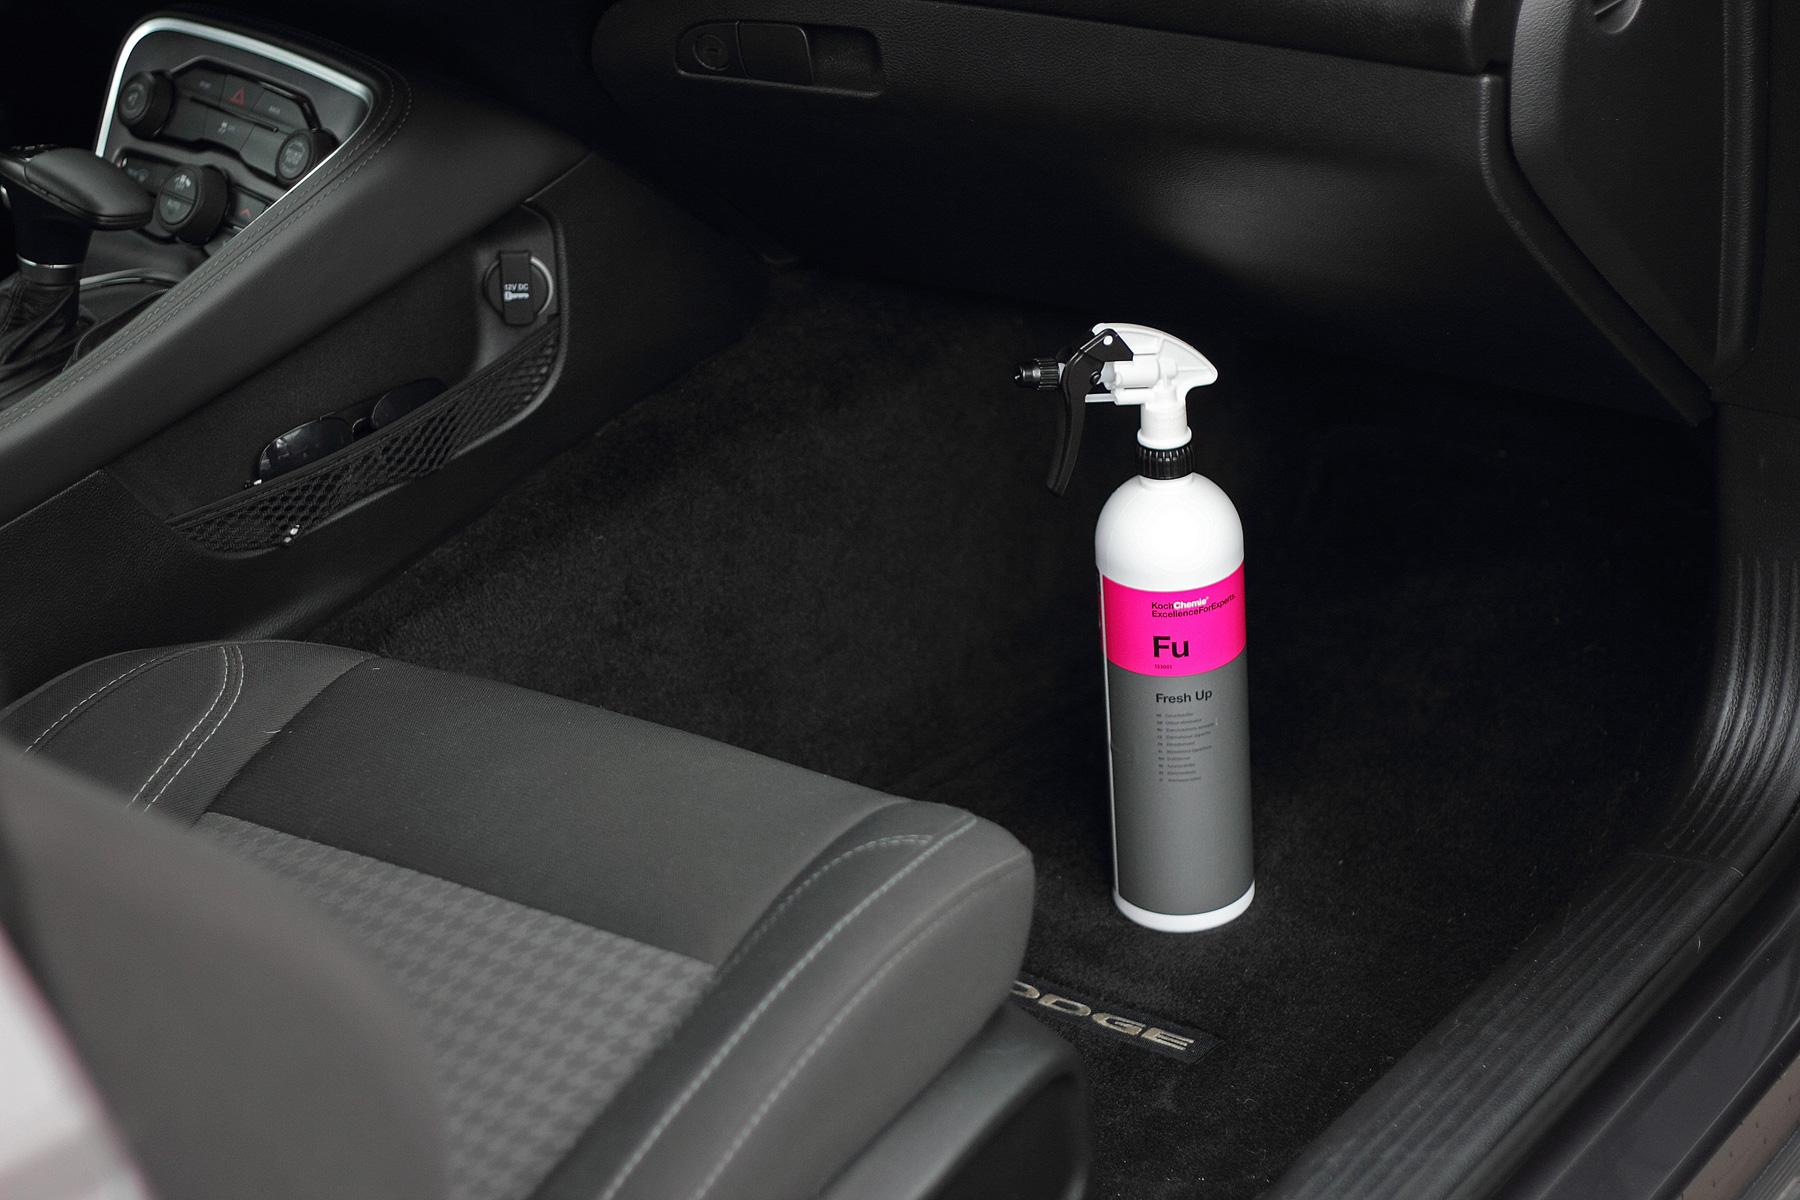 Full Size of Geruch Neutralisieren Auto Hausmittel Gerüche Neutralisieren Auto Essig Geruch Neutralisieren Auto Zigaretten Geruch Neutralisieren Auto Küche Gerüche Neutralisieren Auto